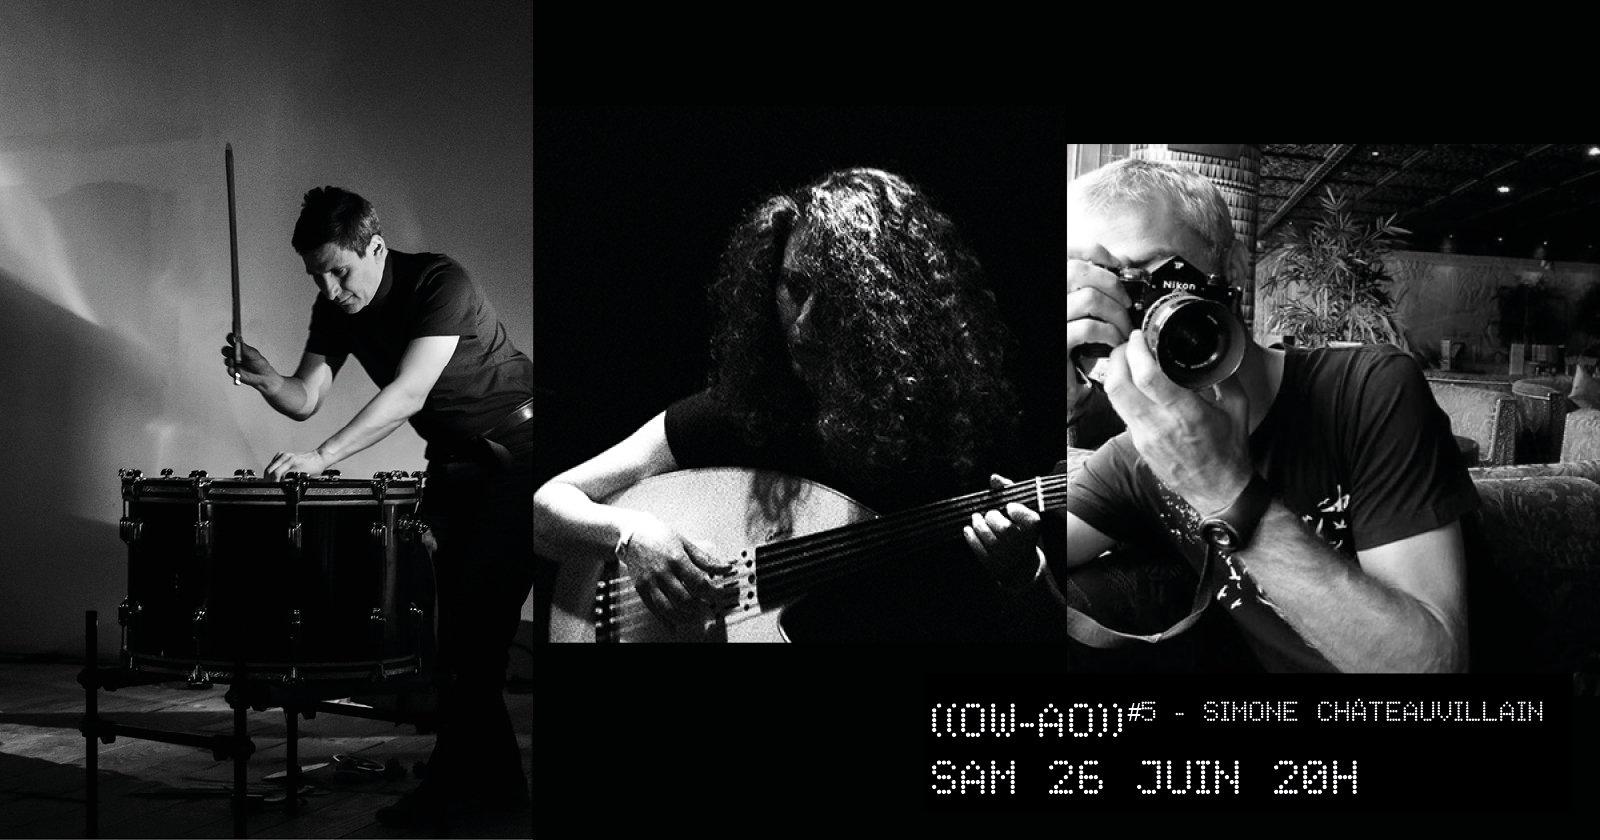 concert du 26 juin